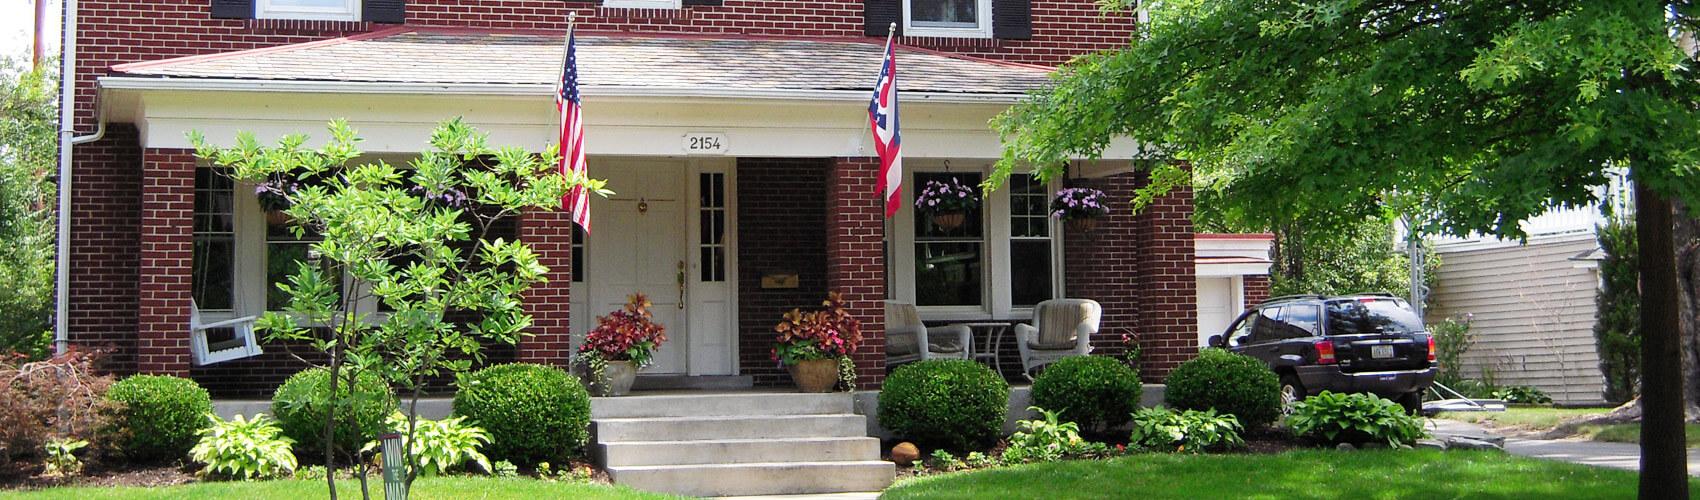 Home Exterior Image